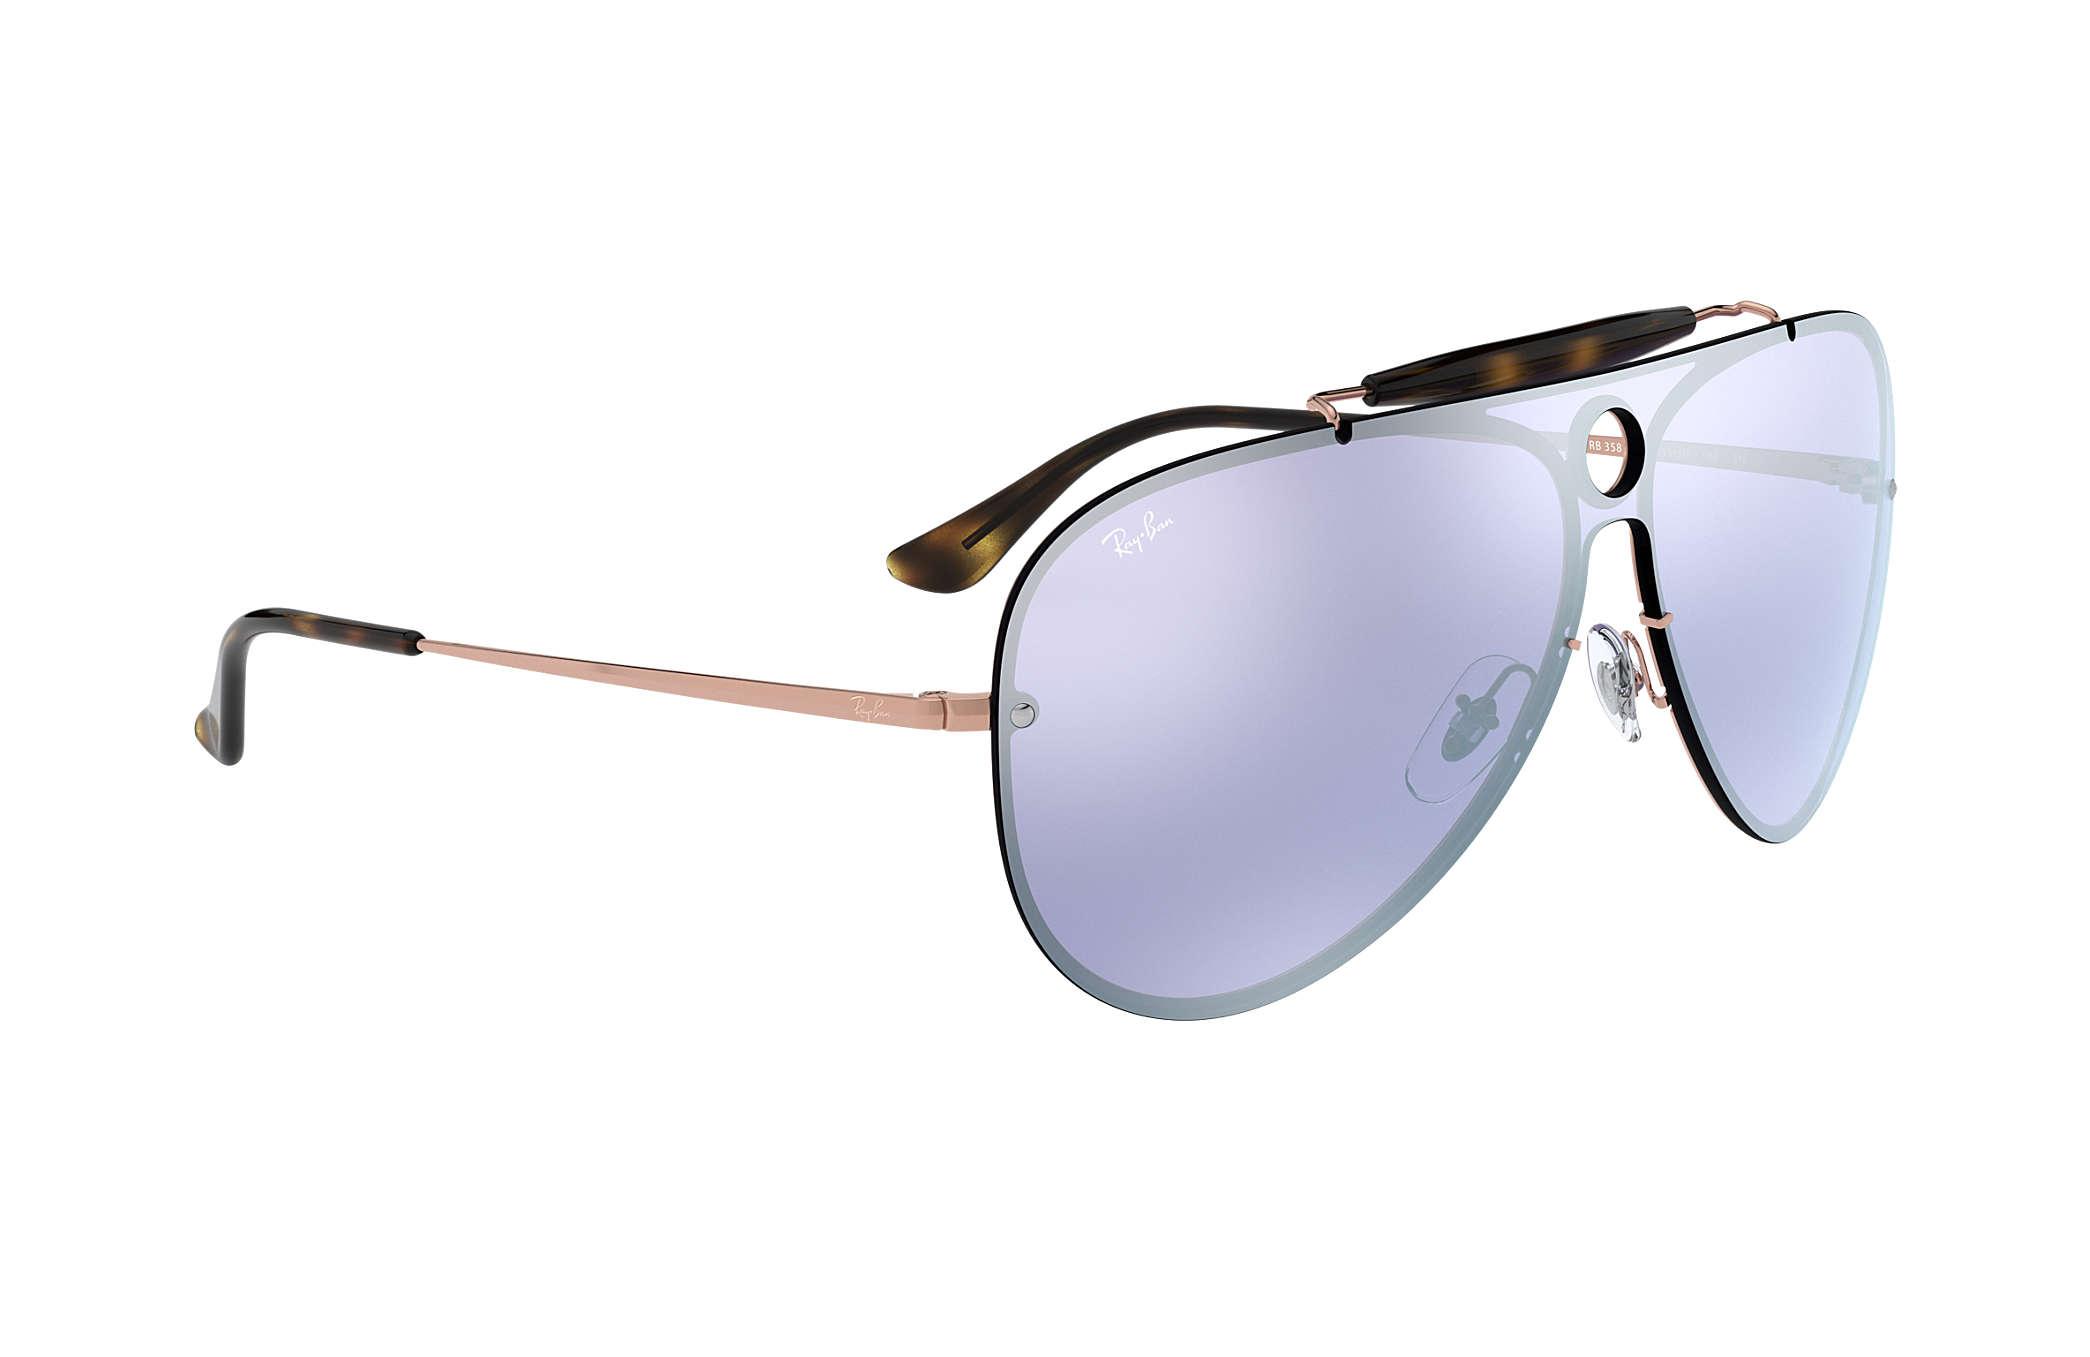 643efc3769562 Ray-Ban Blaze Shooter RB3581N Bronze-Copper - Metal - Violet Lenses ...